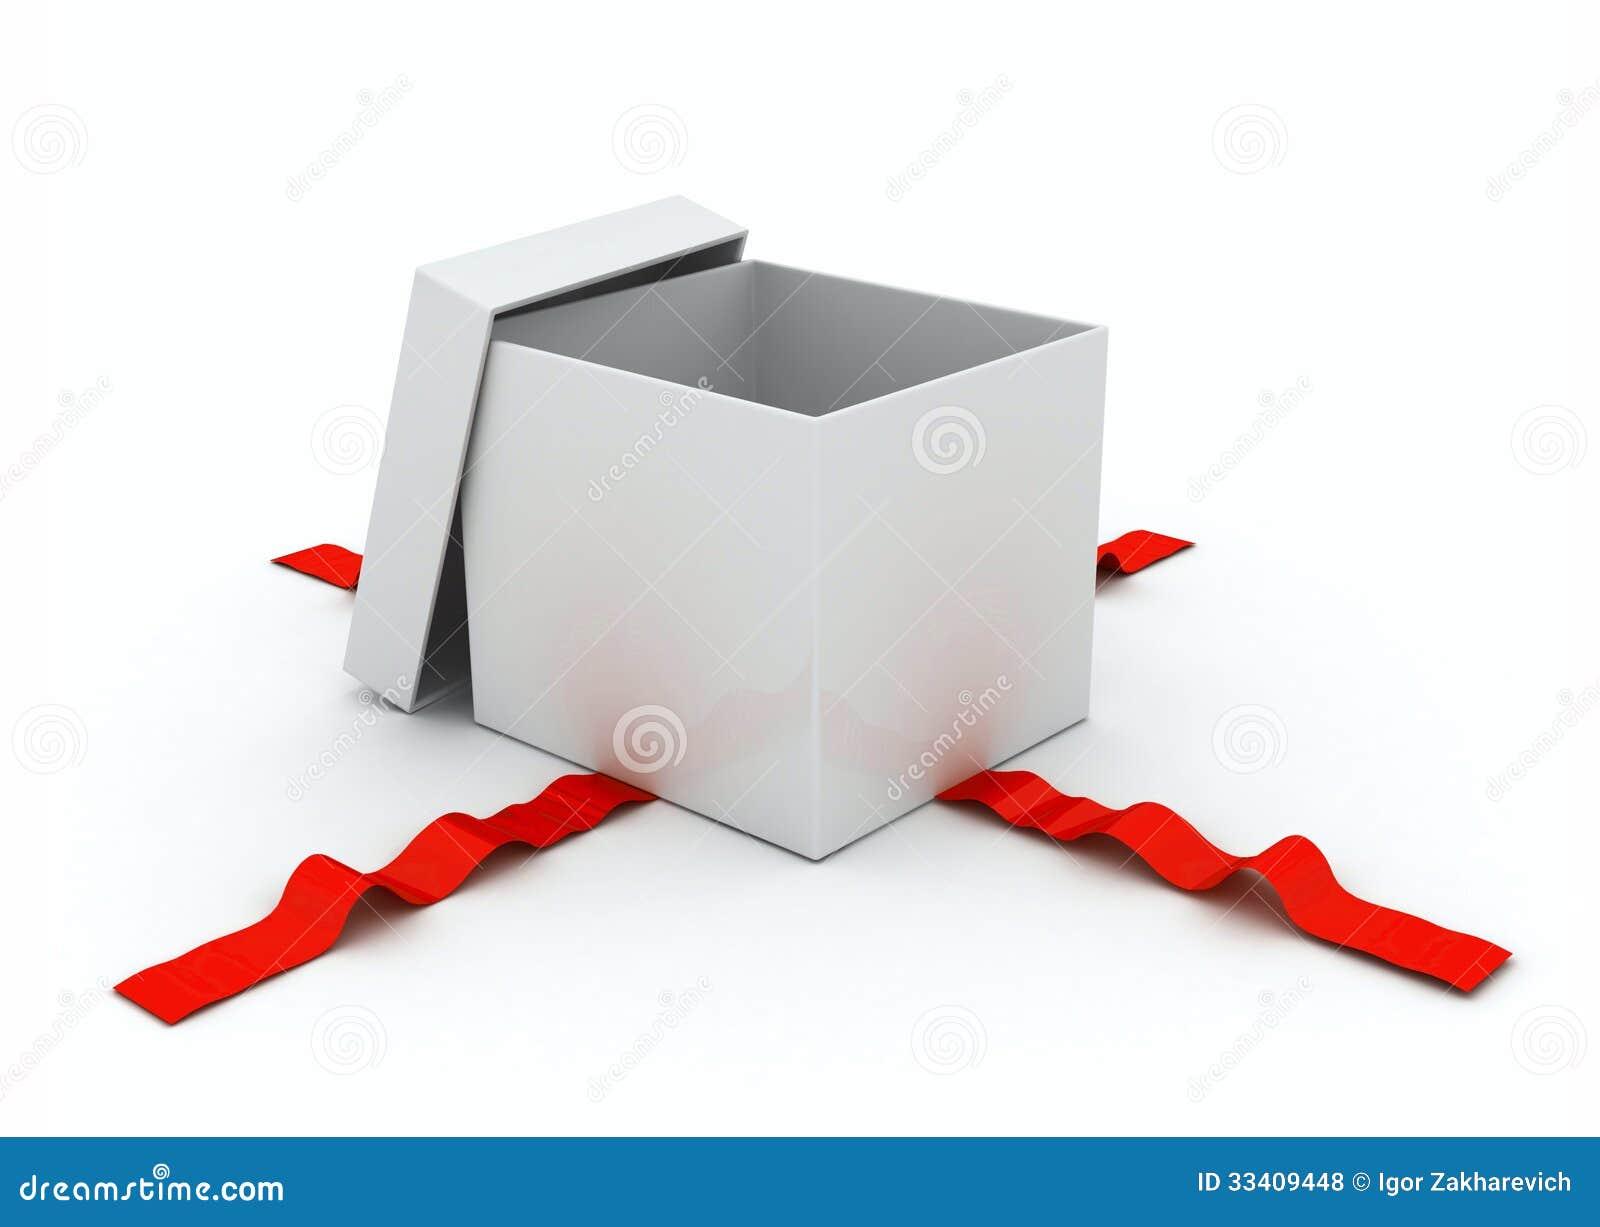 open gift box stock illustration illustration of letter 33409448. Black Bedroom Furniture Sets. Home Design Ideas